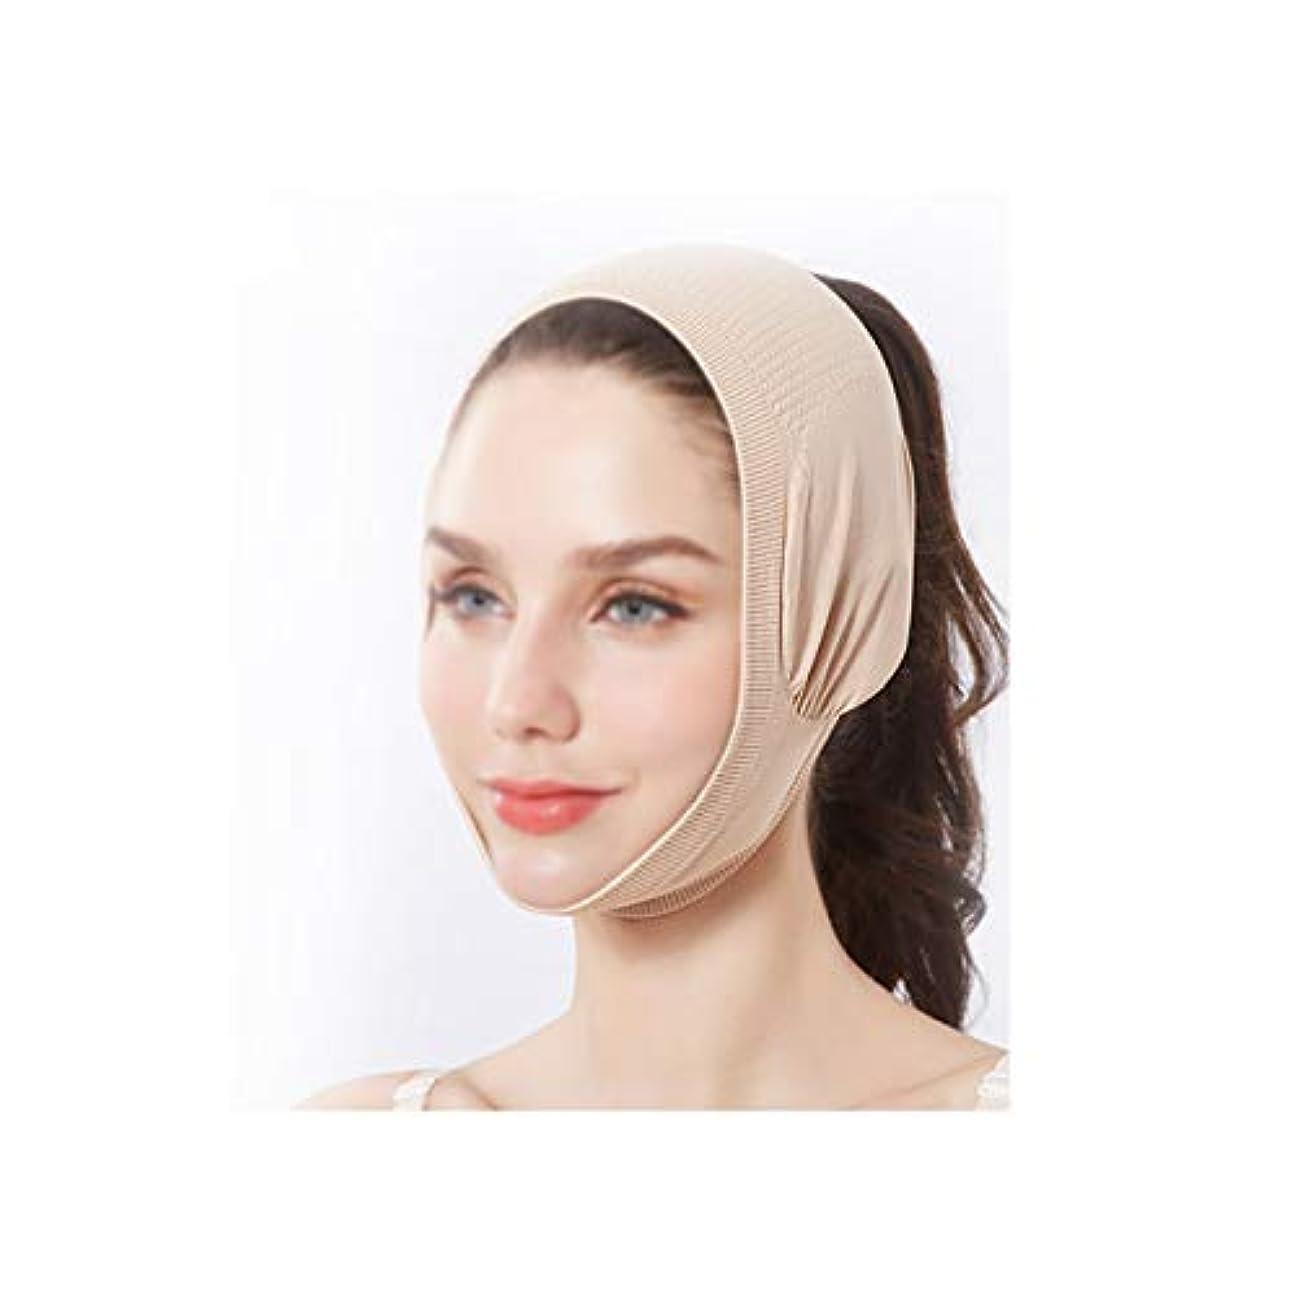 七面鳥内訳キルトフェイスリフトマスク、フェイスマスクエクステンション強度フェイスレス包帯バンデーションフェイスラージVラインカービングフェイスバックカバーネックストラップ (Color : Skin tone)